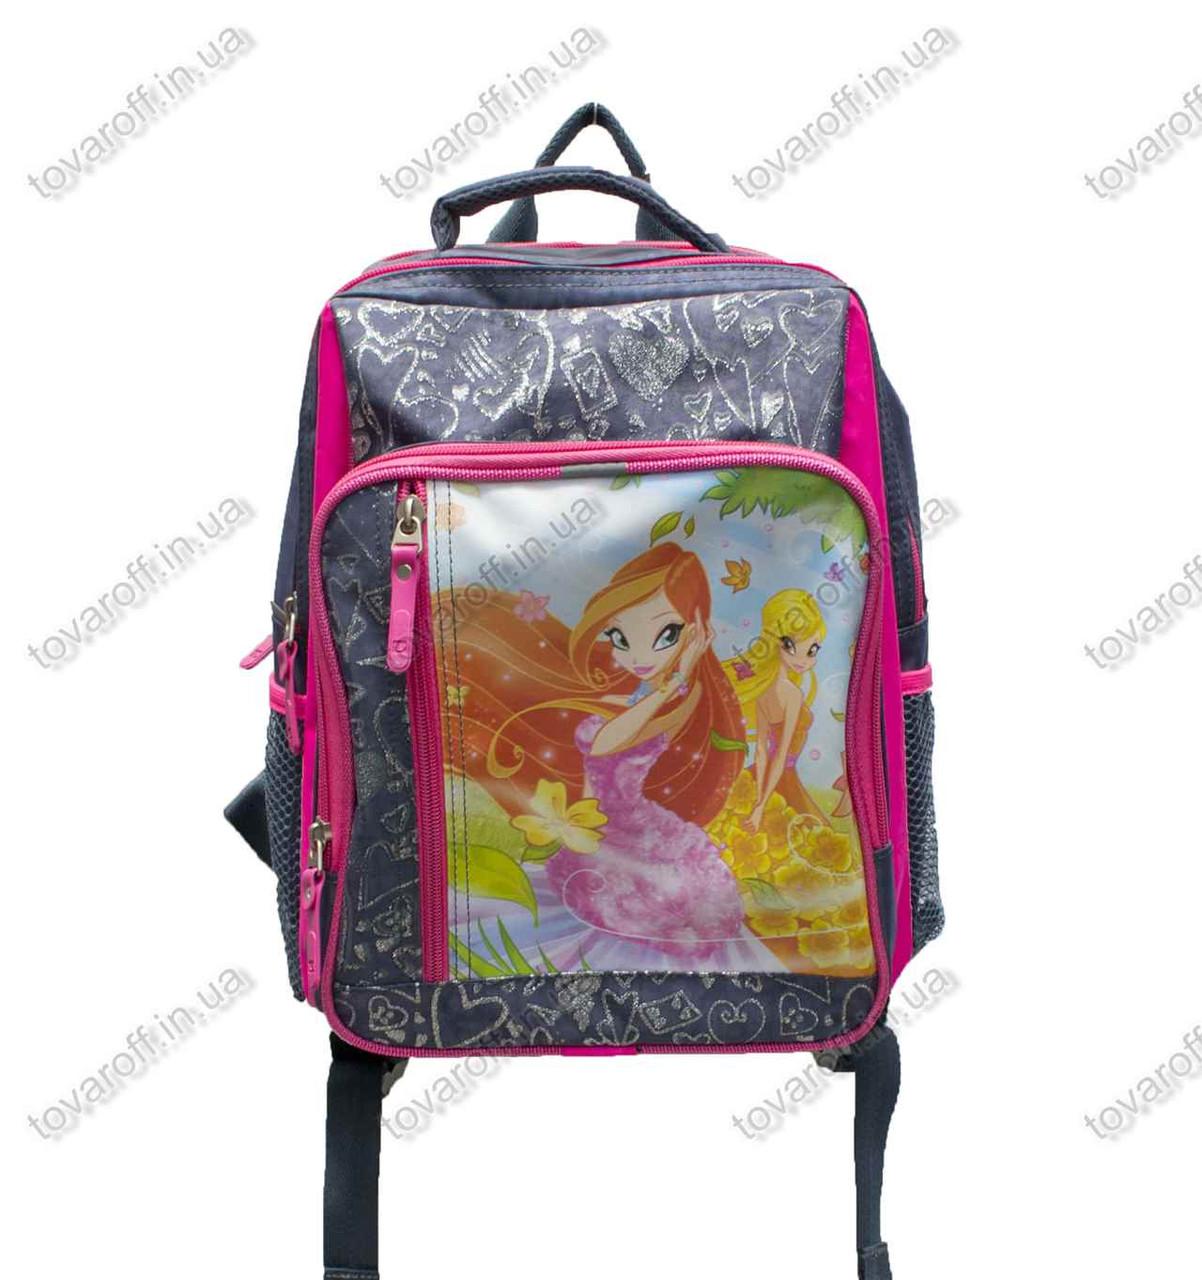 Рюкзак школьный детский Винкс (Winx) - Серо-розовый - MeShock (Bagland) - 11270